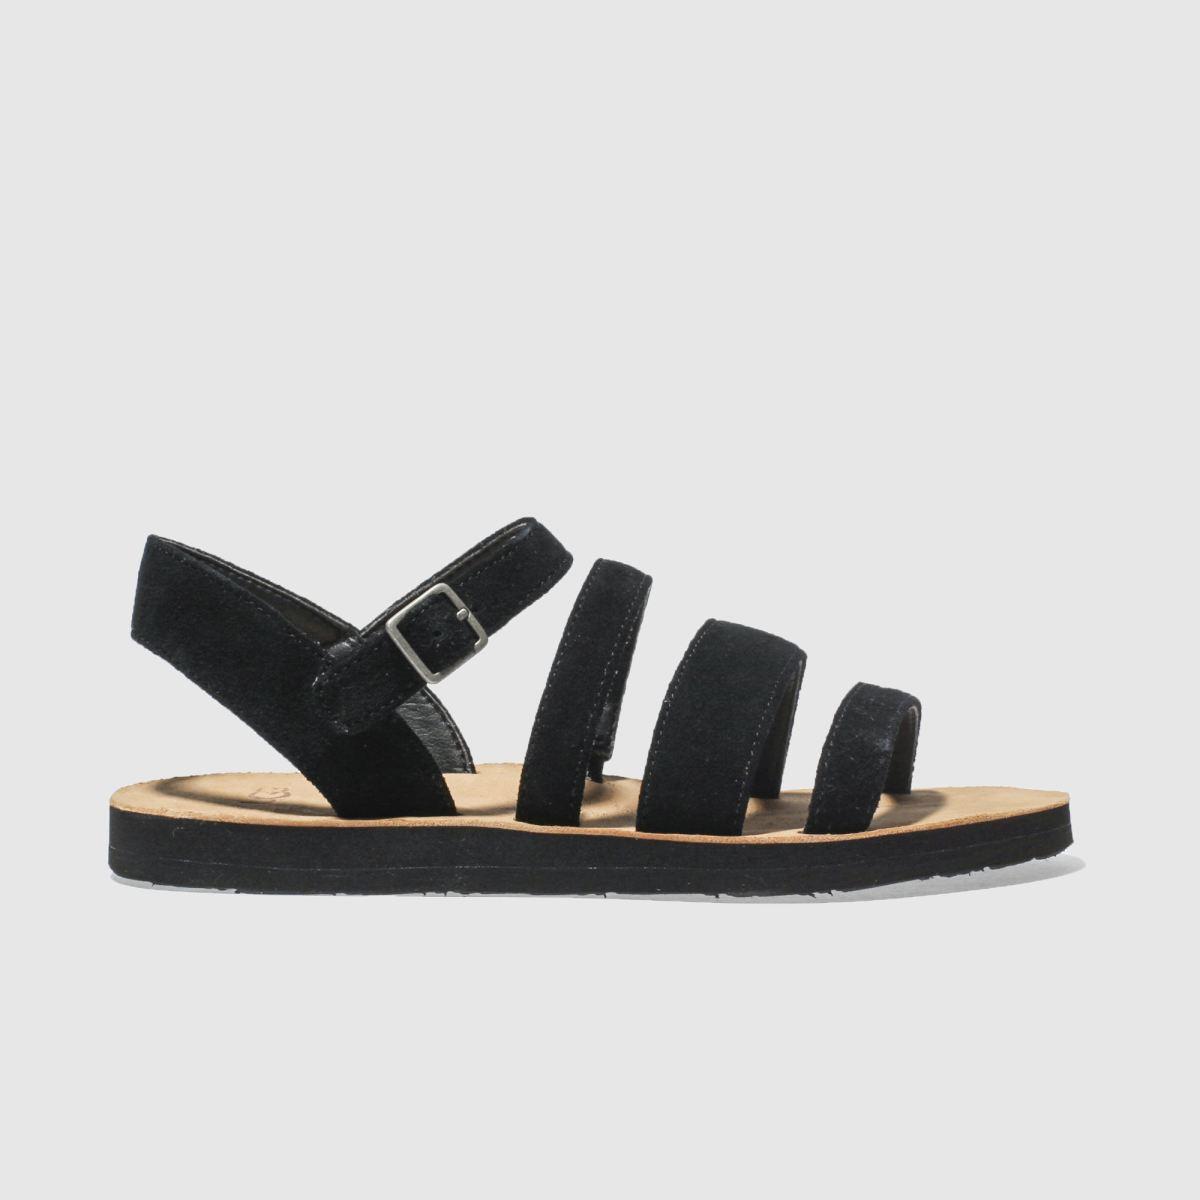 Ugg Black Alyse Sandals